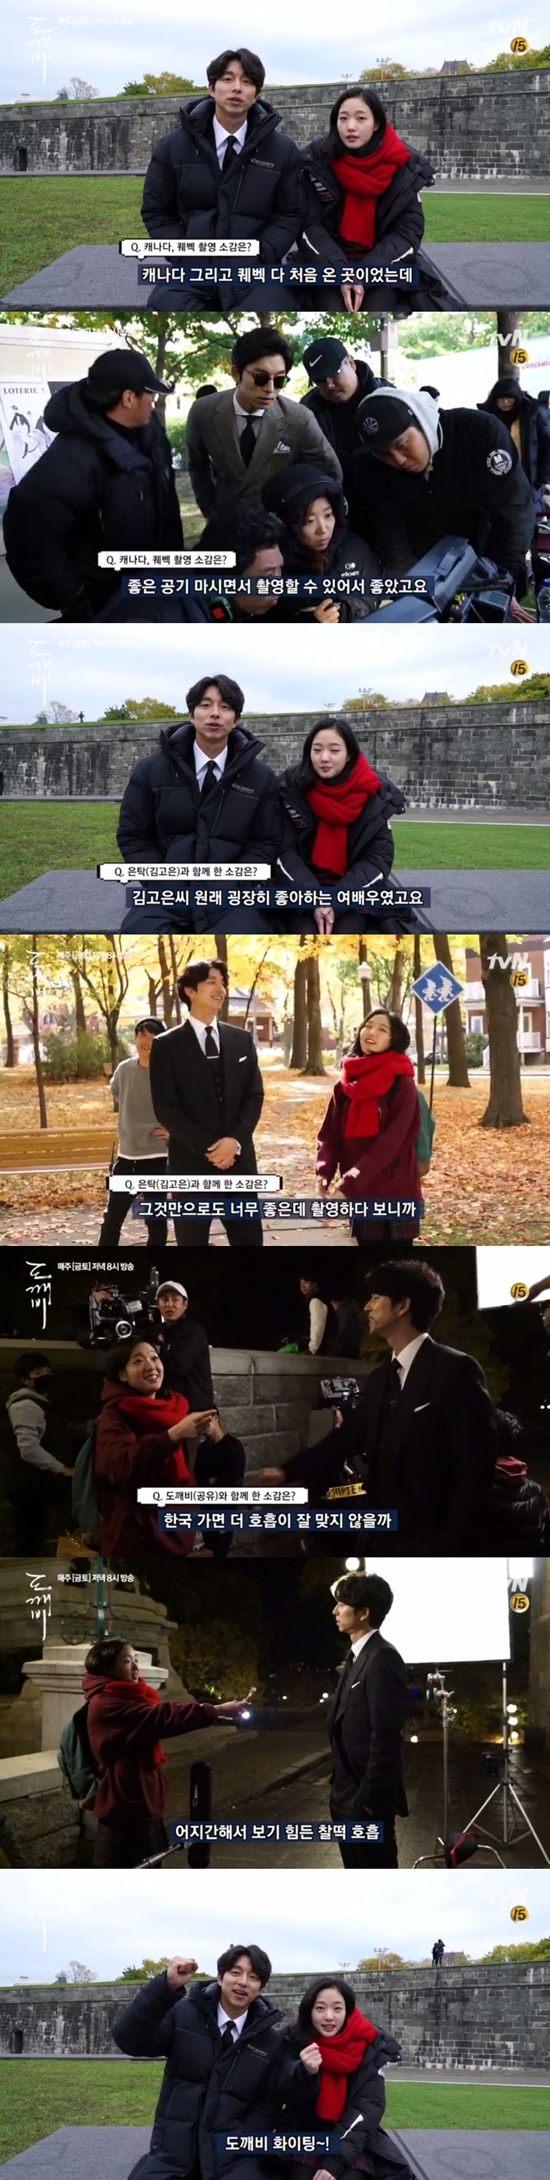 tvN 금토드라마 도깨비 공유 김고은(아래)이 캐나다 퀘벡에서 동반 촬영하는 영상이 공개됐다. /네이버 TV캐스트 영상 캡처